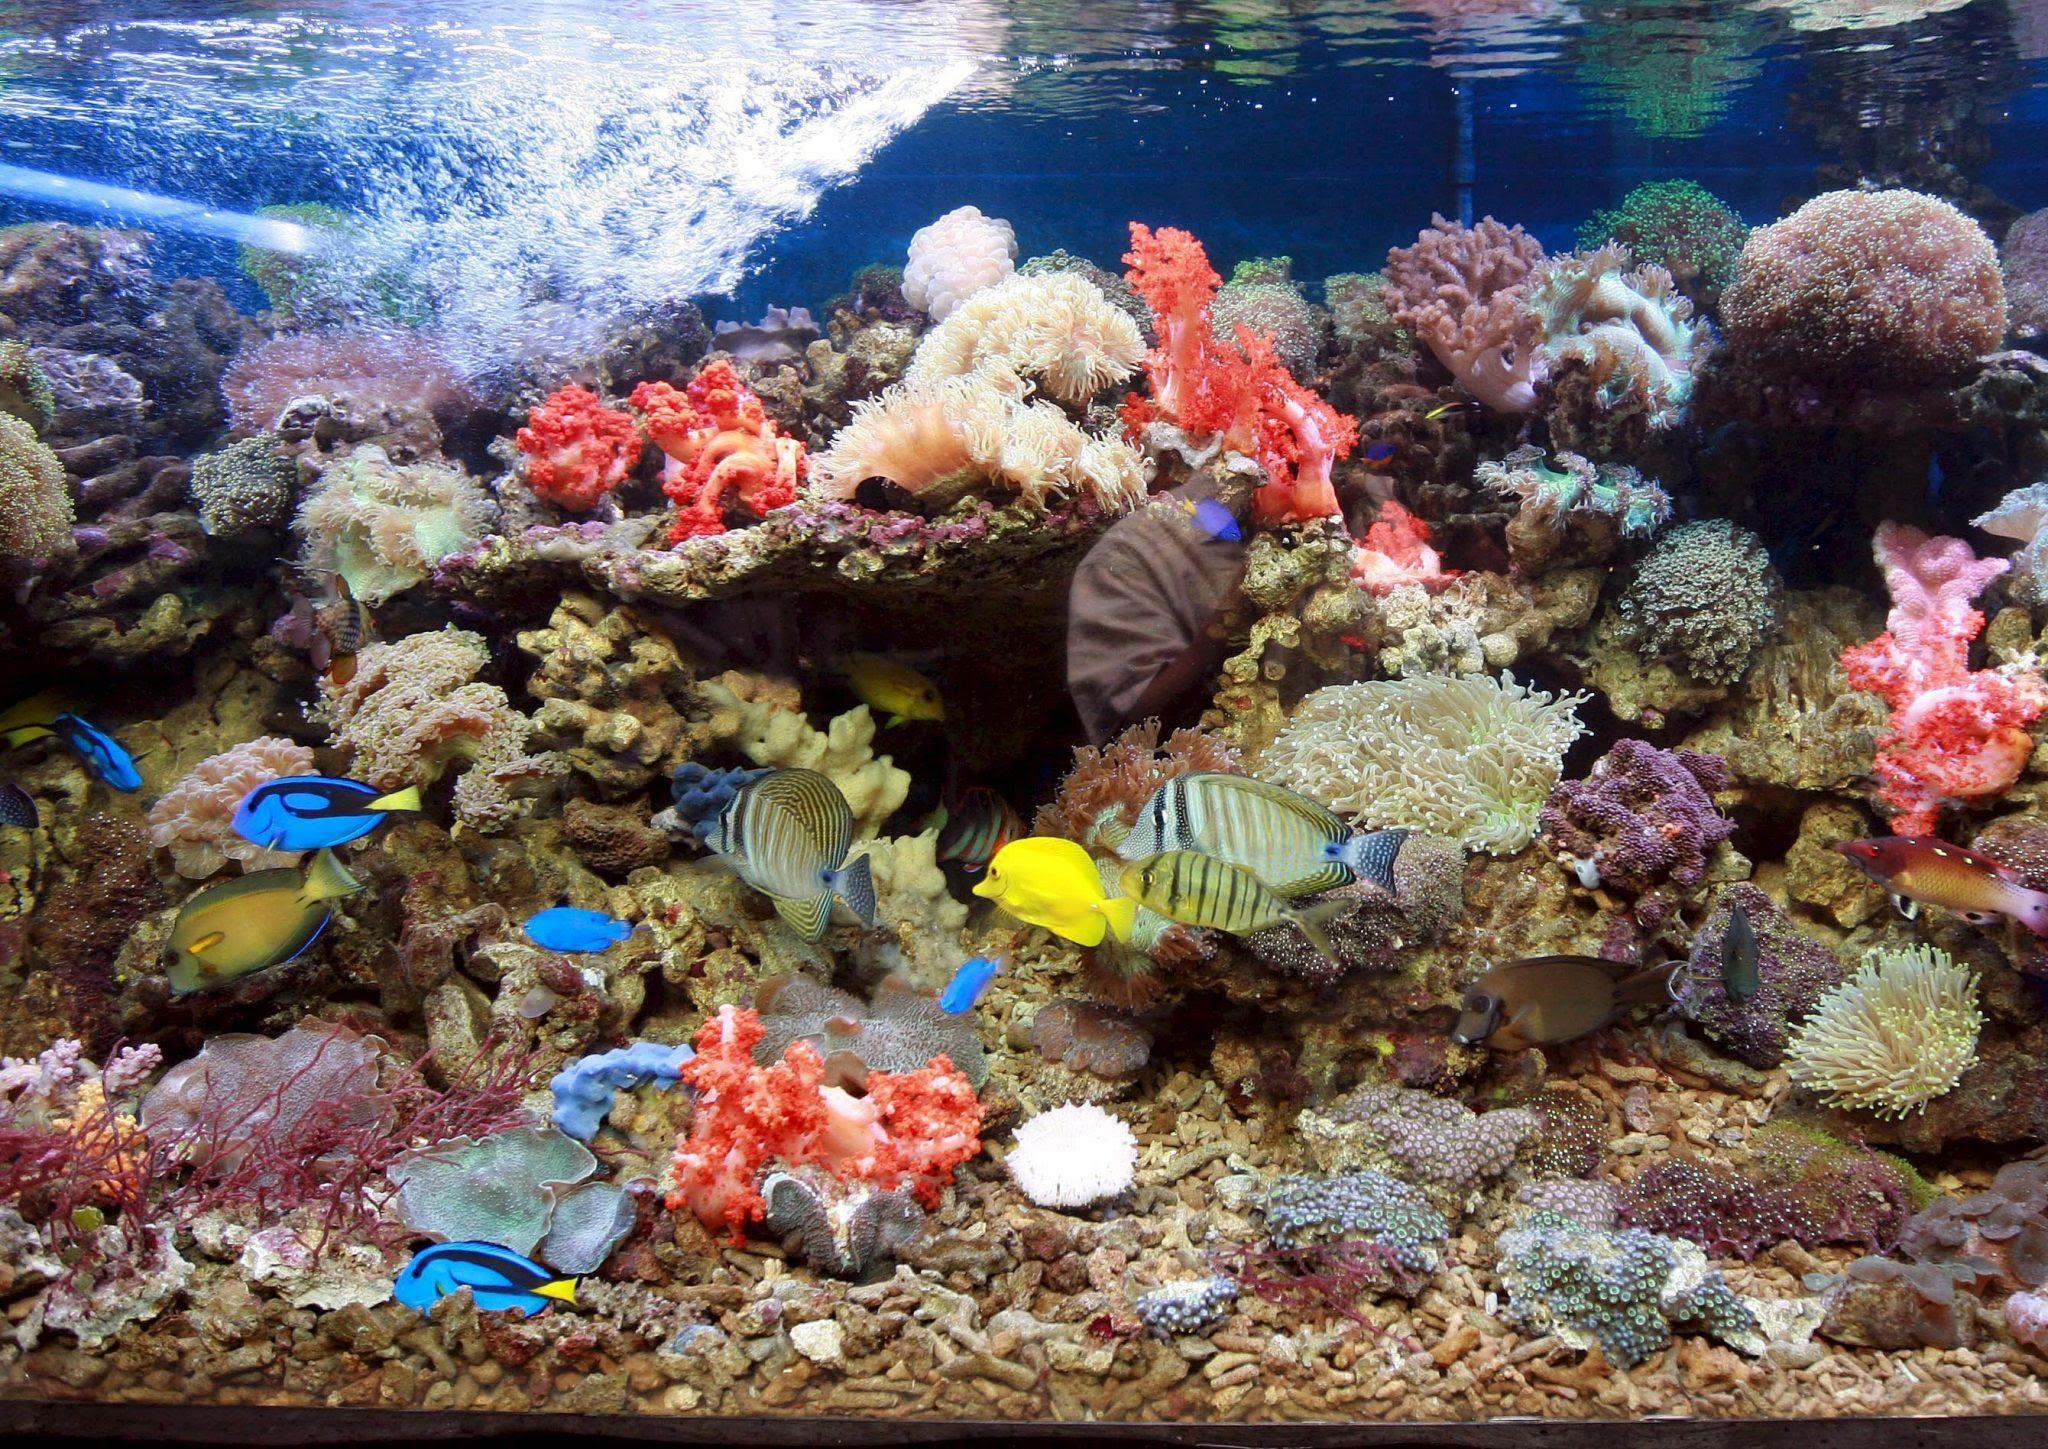 Barrera de coral en un acuario en un mercado de Yakarta (Indonesia) en una muestra de la primera Conferencia Oceánica Mundial (WOC) para llamar la atención de la comunidad internacional sobre las consecuencias de la subida de las temperaturas en los océanos. EFE/Adi Weda